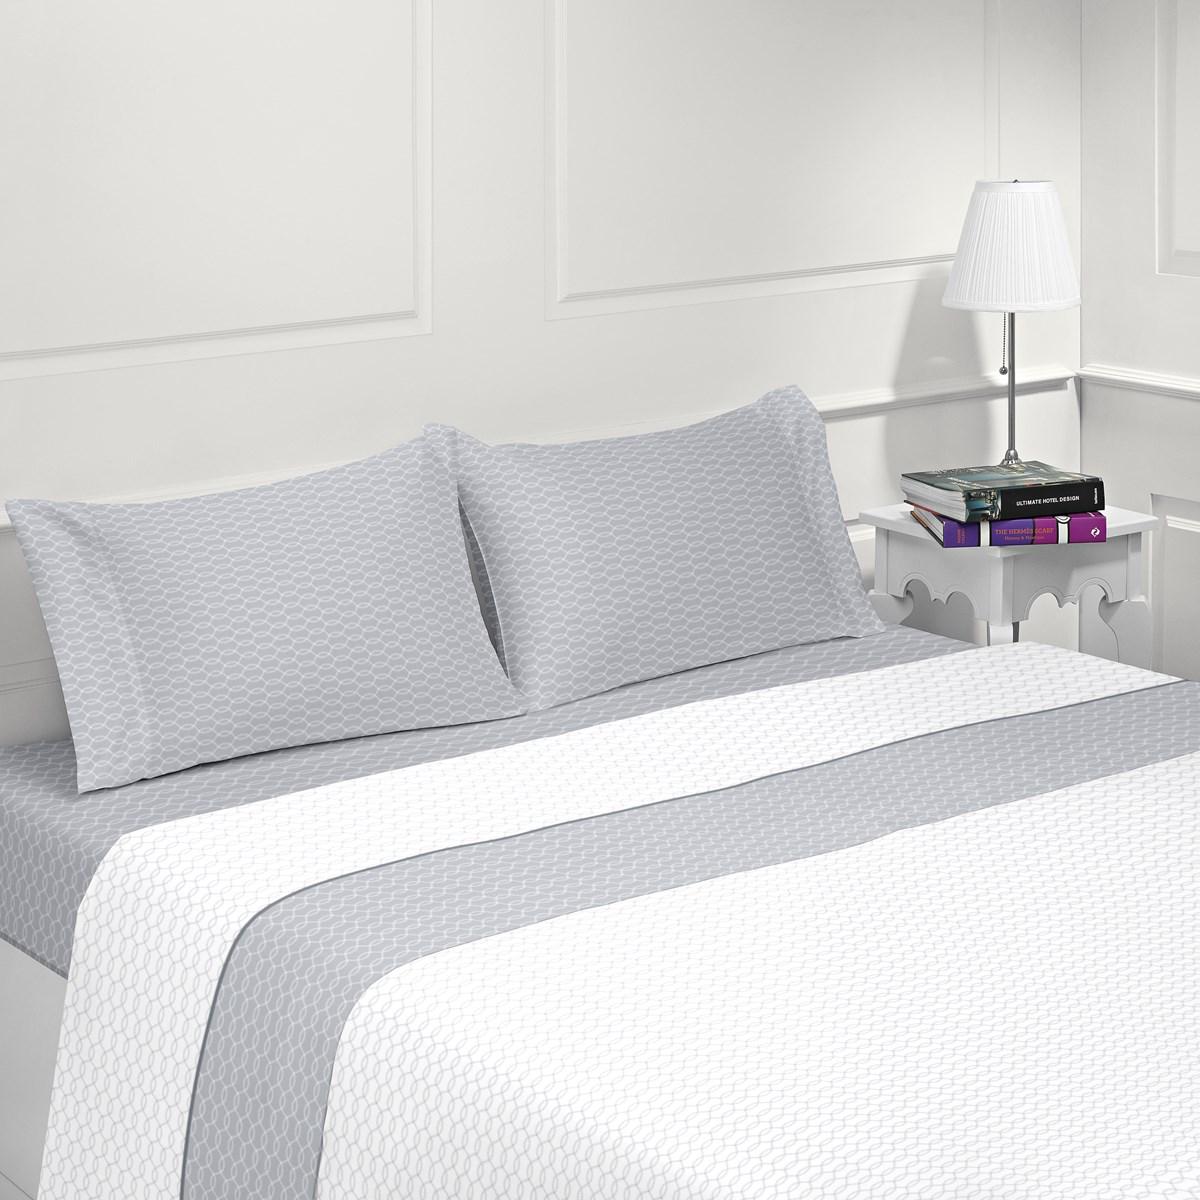 Parure de drap flanelle en coton gris clair 160x200 cm (photo)